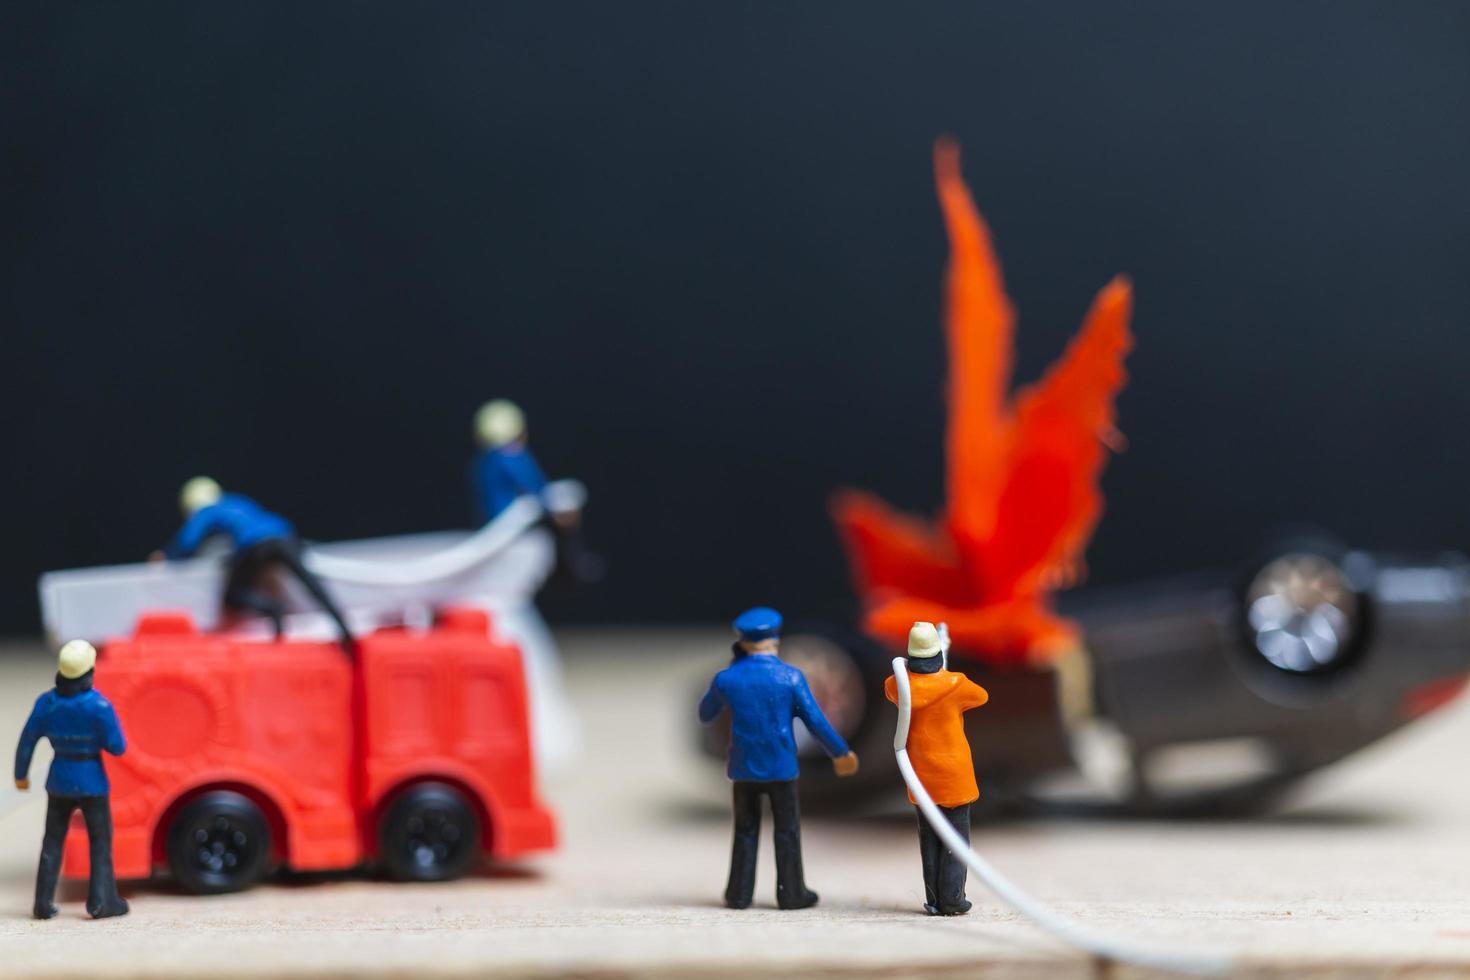 Pompiers miniatures lors d'un accident de voiture, concept d'accident de voiture photo